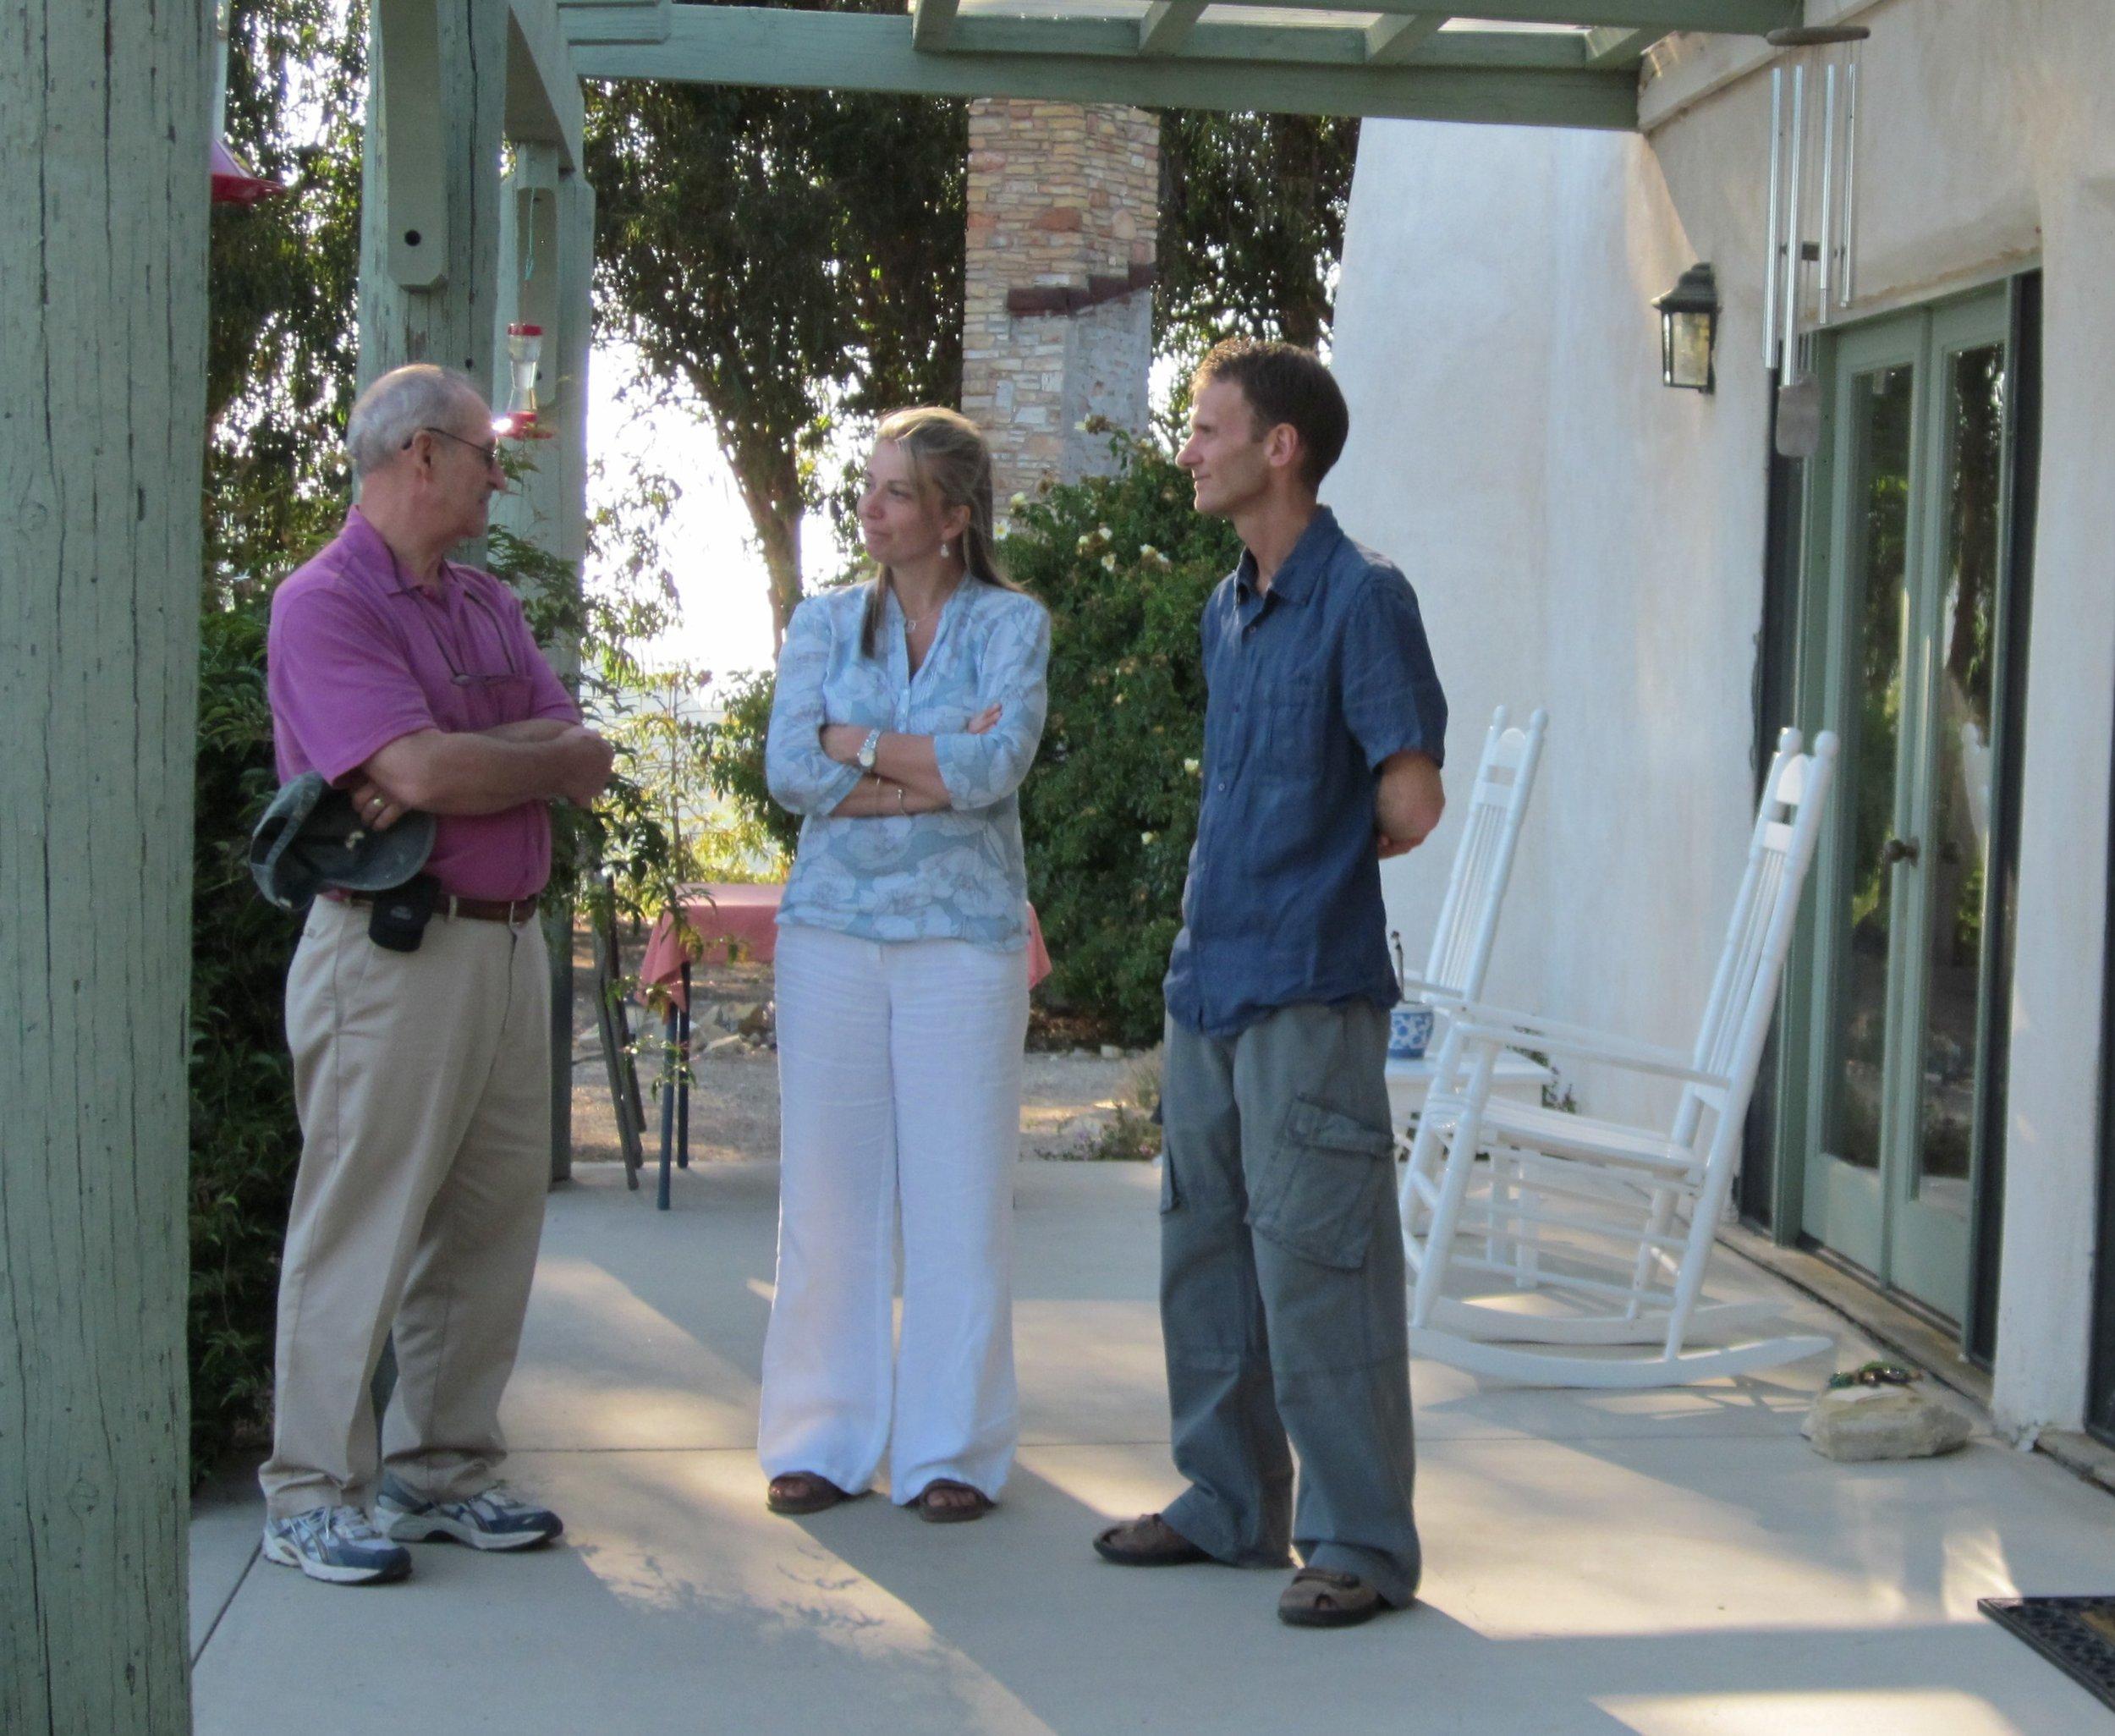 SAM ERVIN, SAMANTHA BRIDGER & LESLIE BRIDGER on the porch of the Visitor Center/Caretaker Quarters at Meher Mount. (Photo: Wayne Myers, 2010)